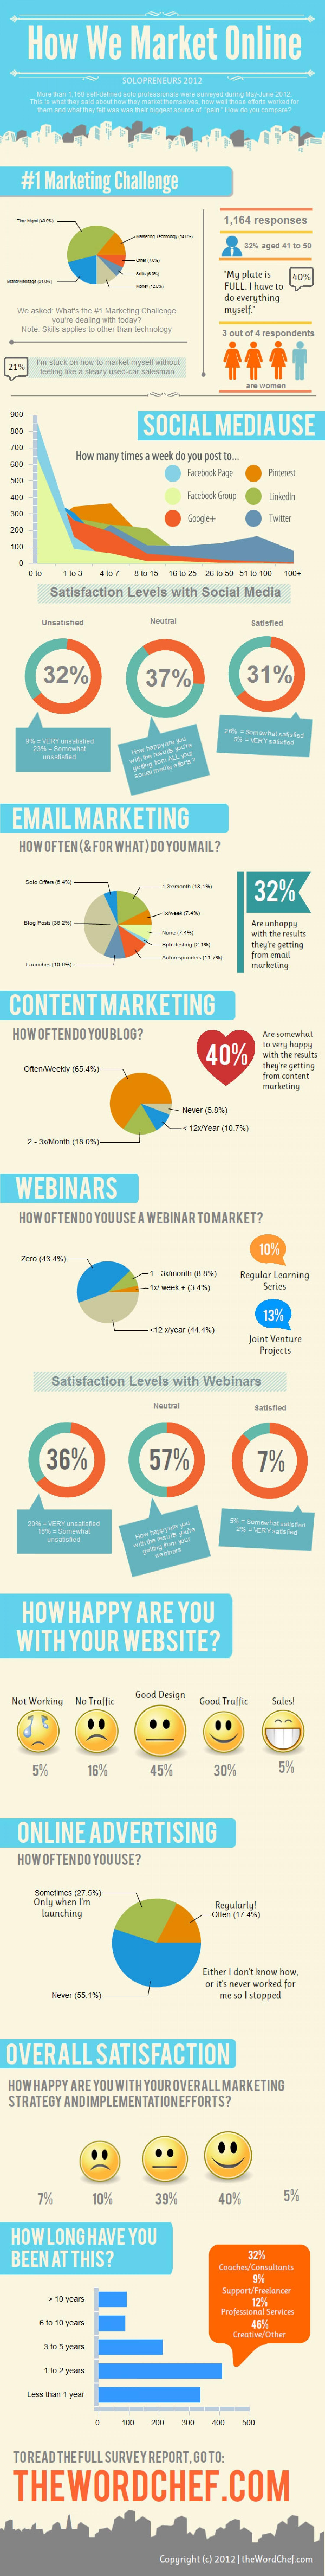 Solopreneurs: How We Market Online